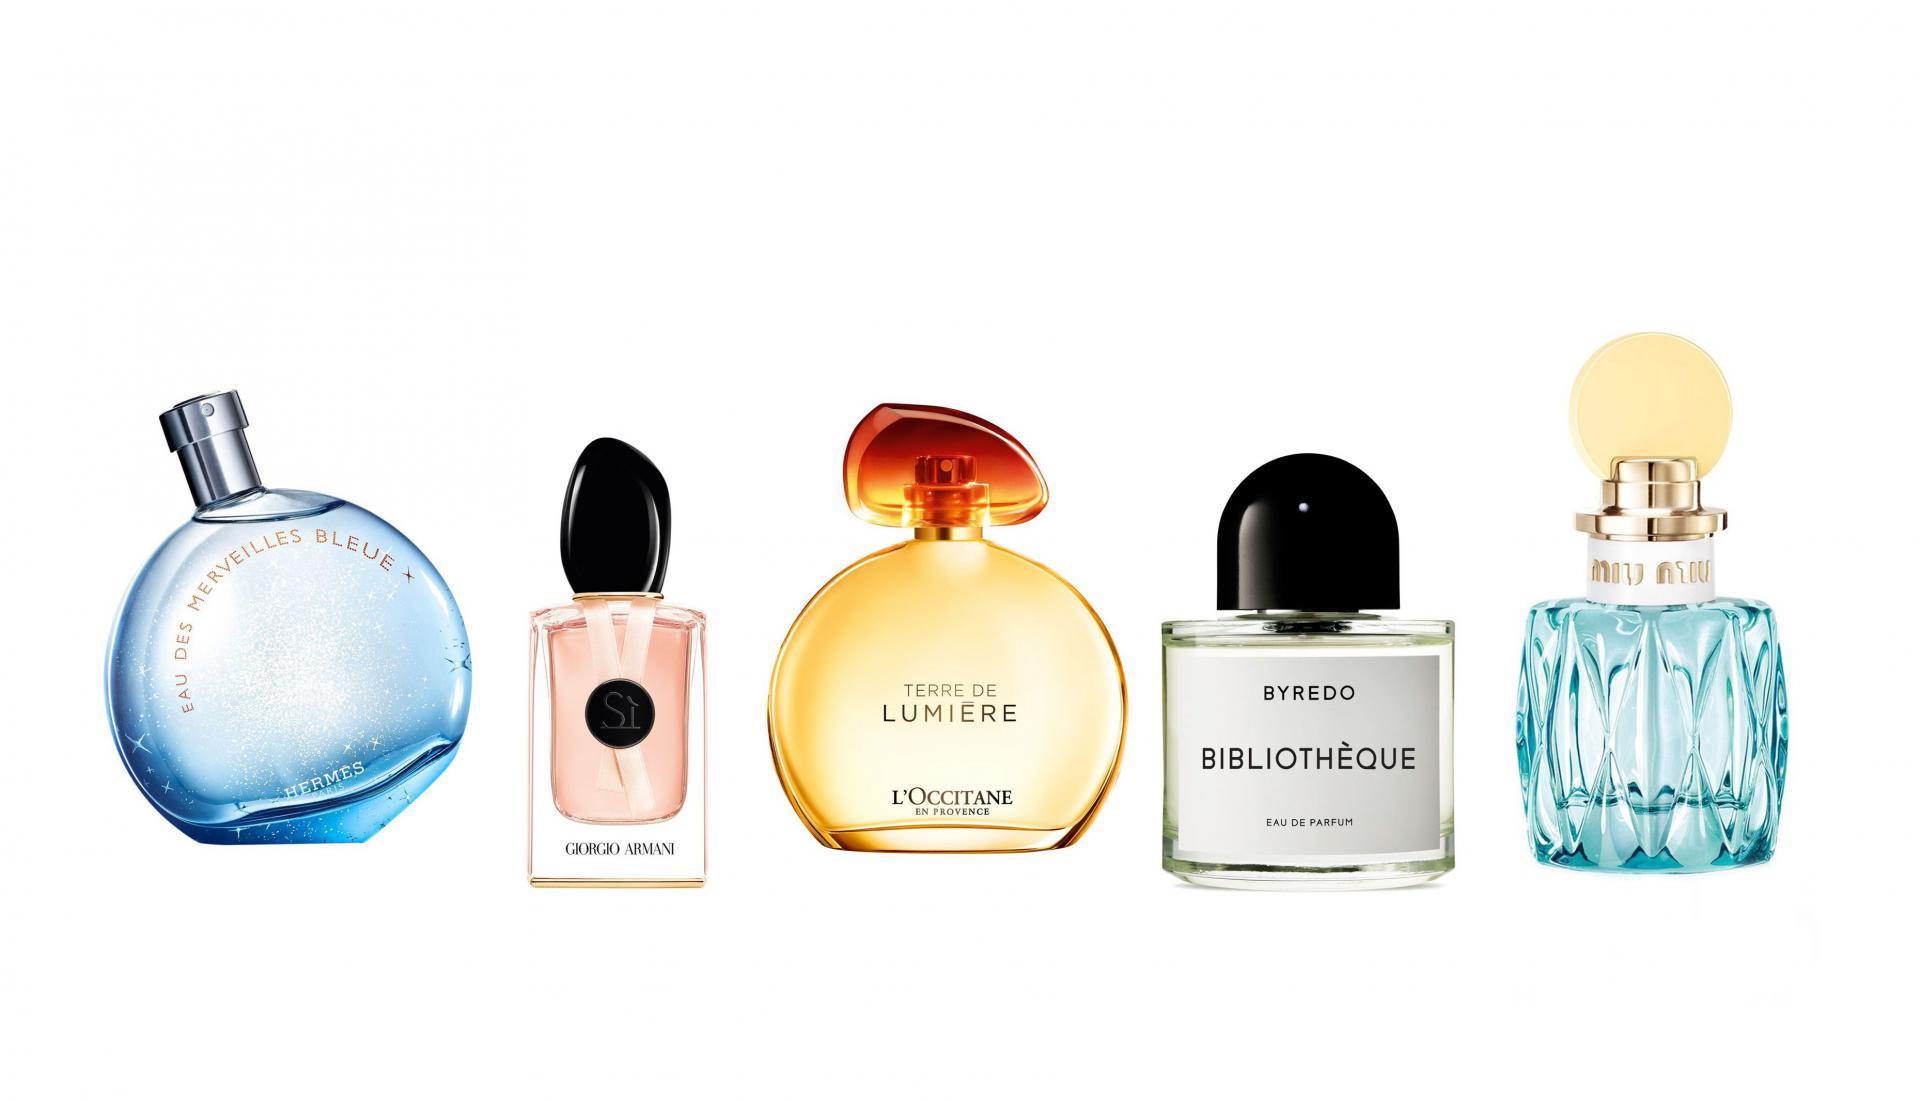 giorgio armani signature perfume